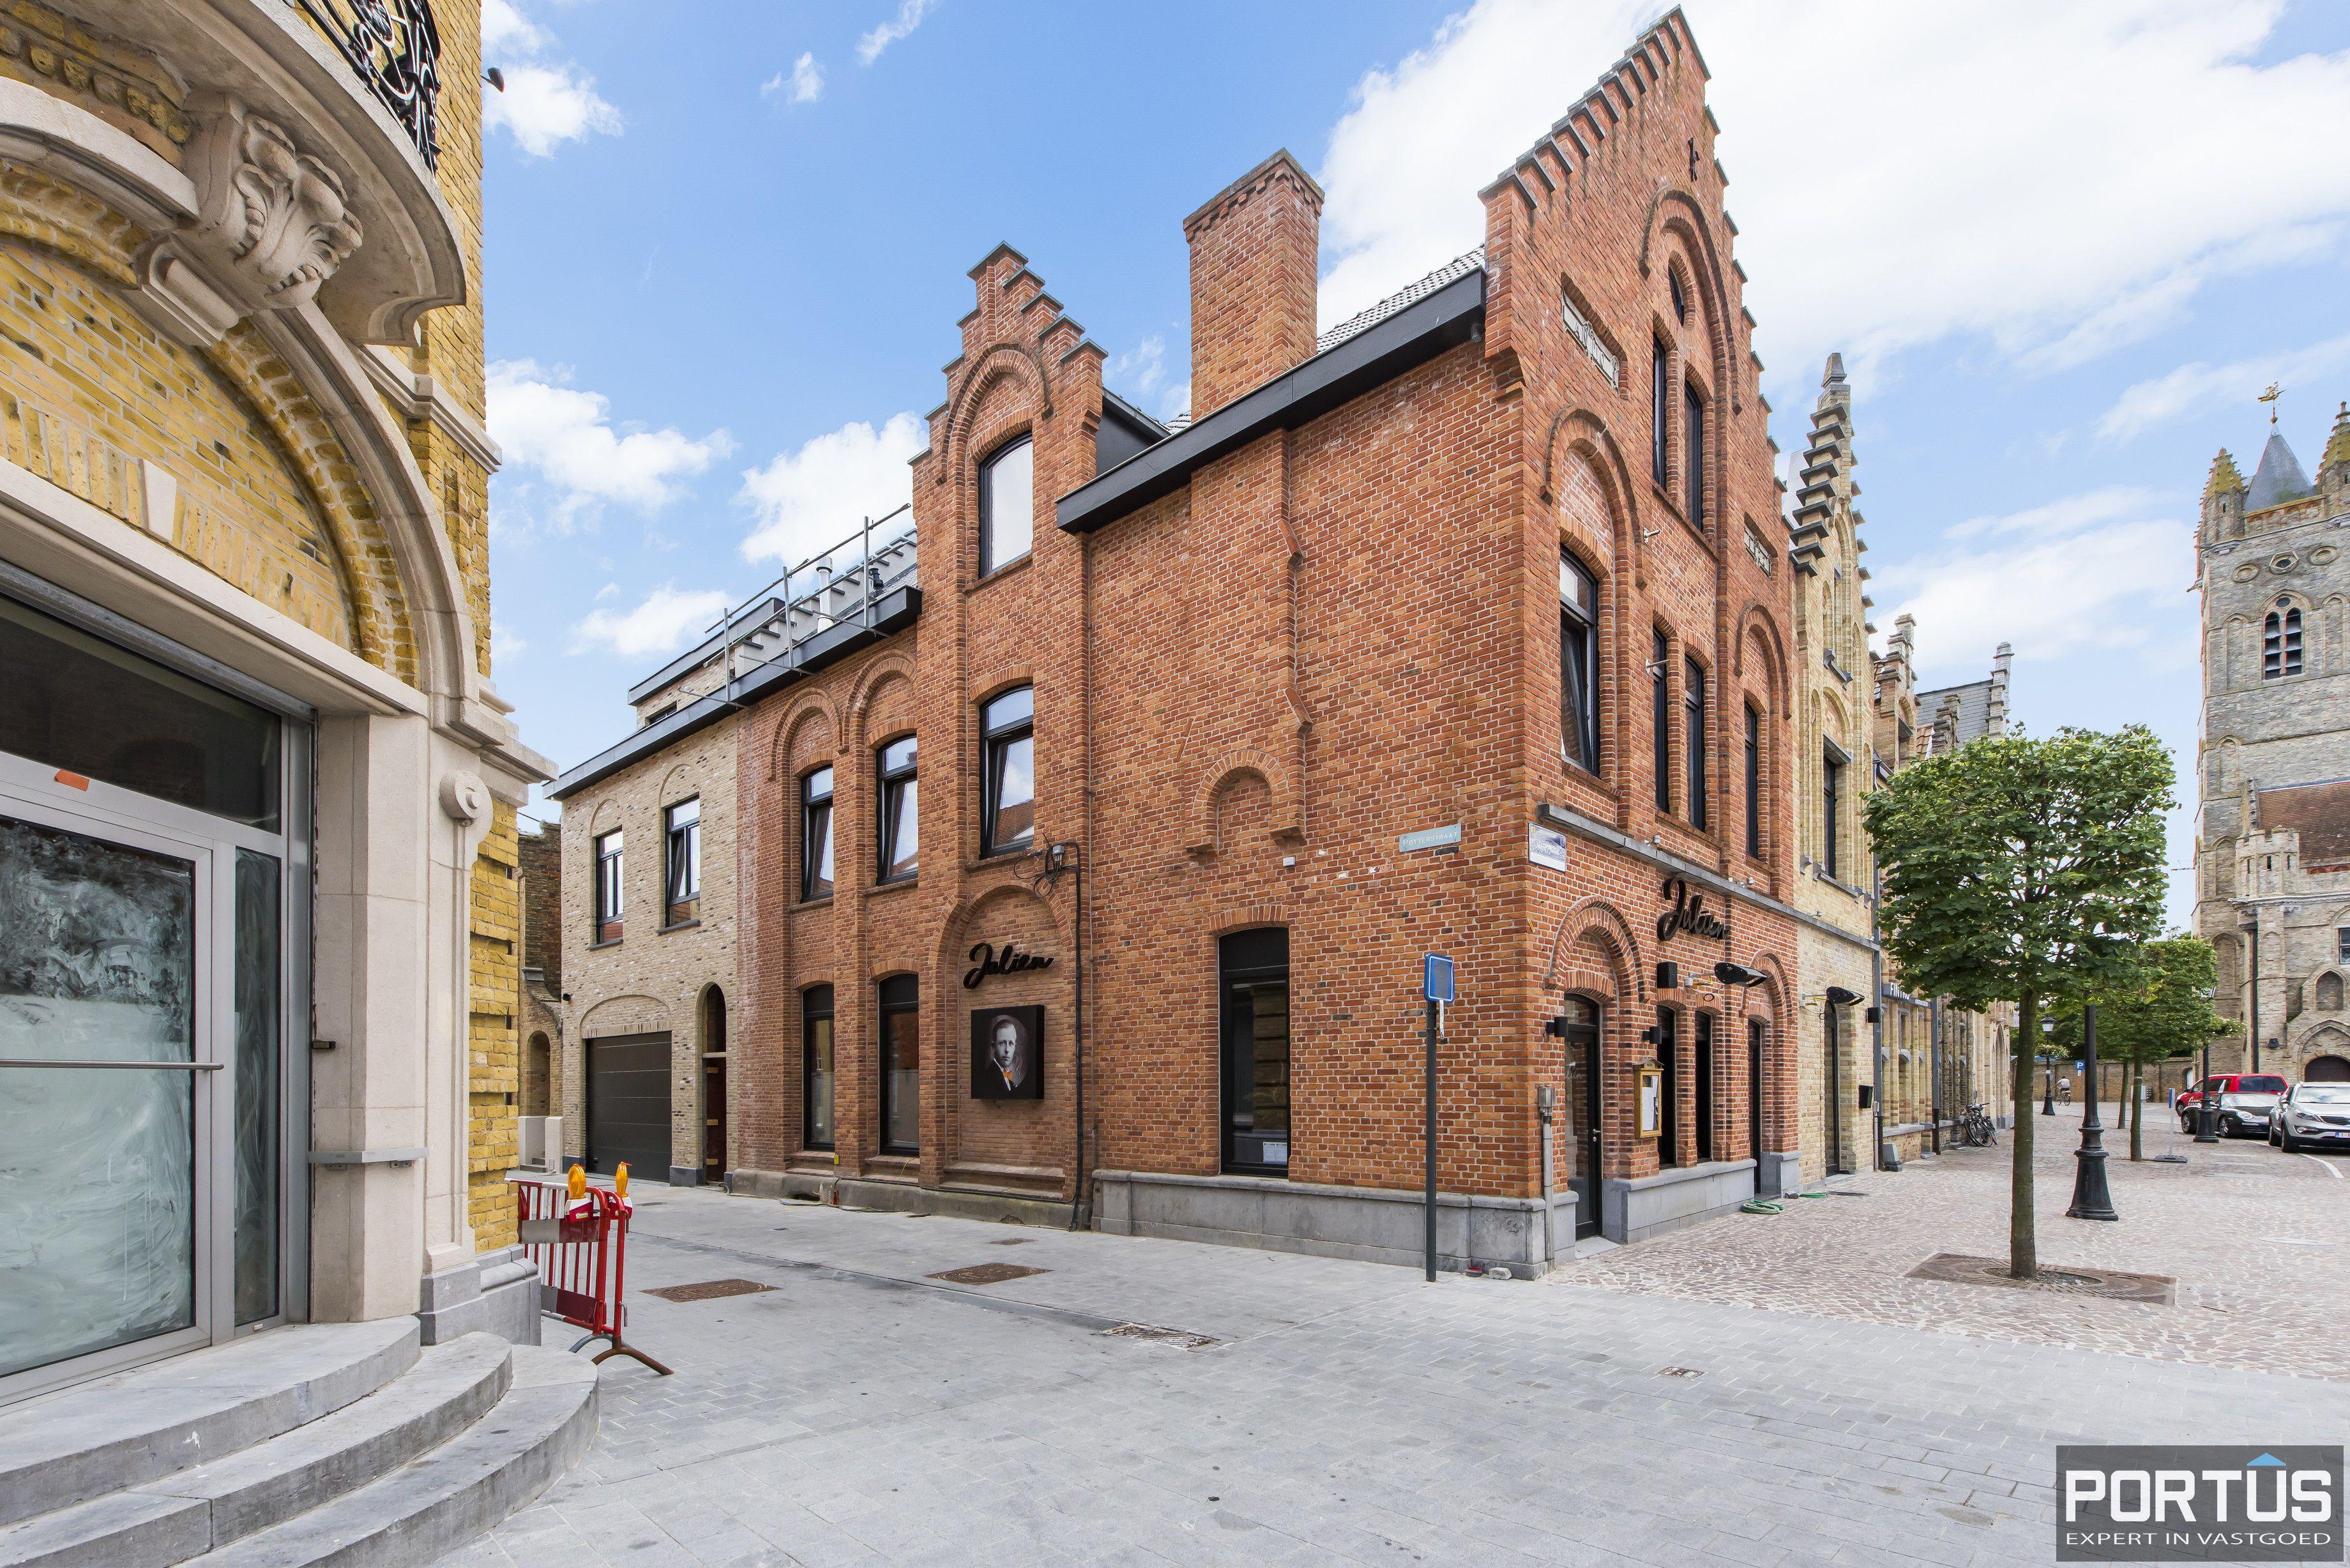 Appartement 3 slaapkamers te koop Marktplein Nieuwpoort - 9923